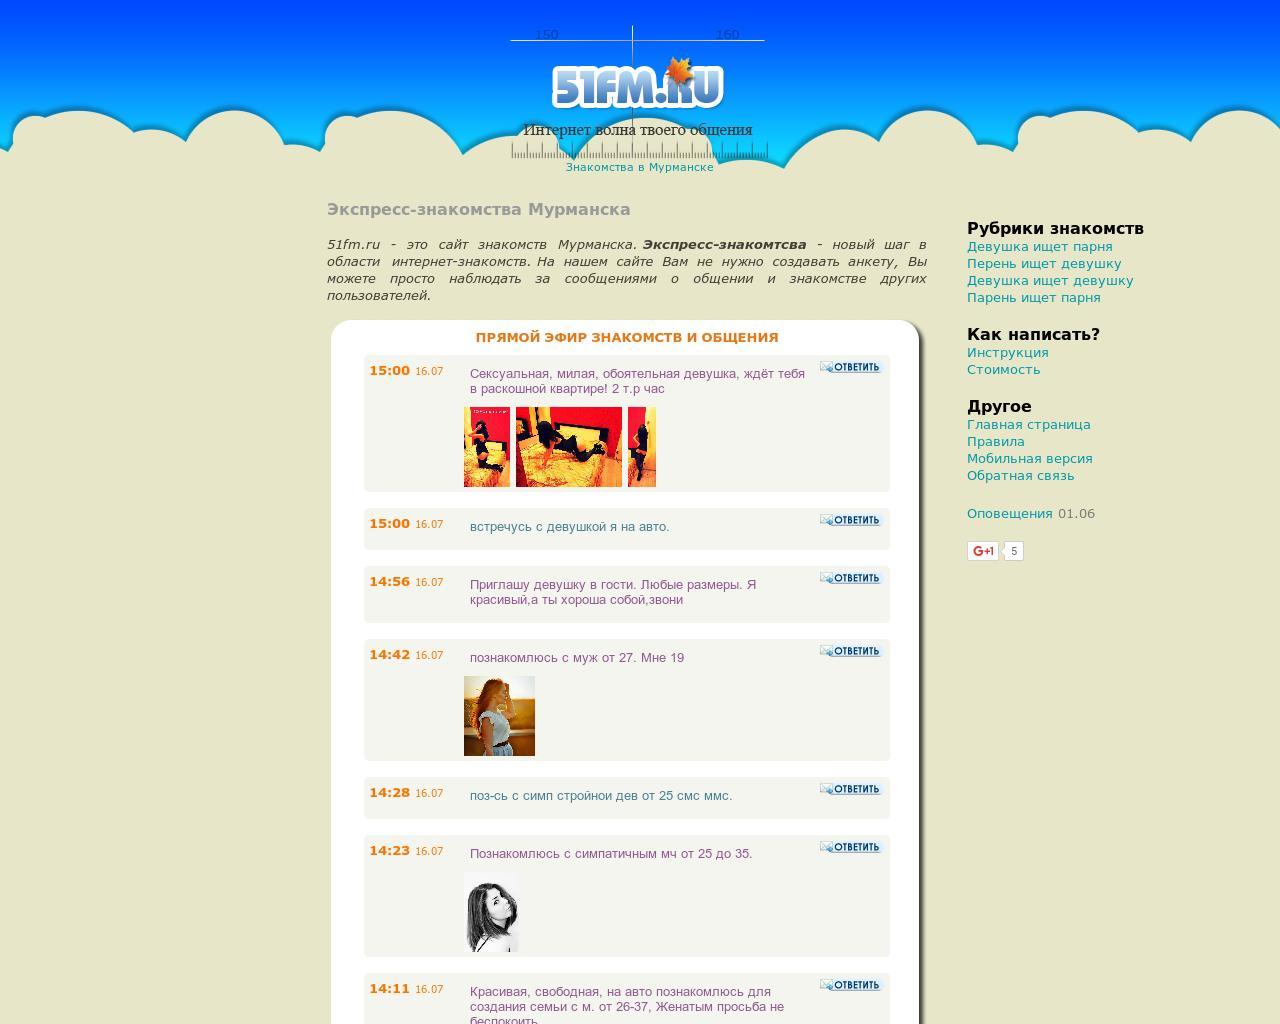 Порно сайты общаться бесплатно